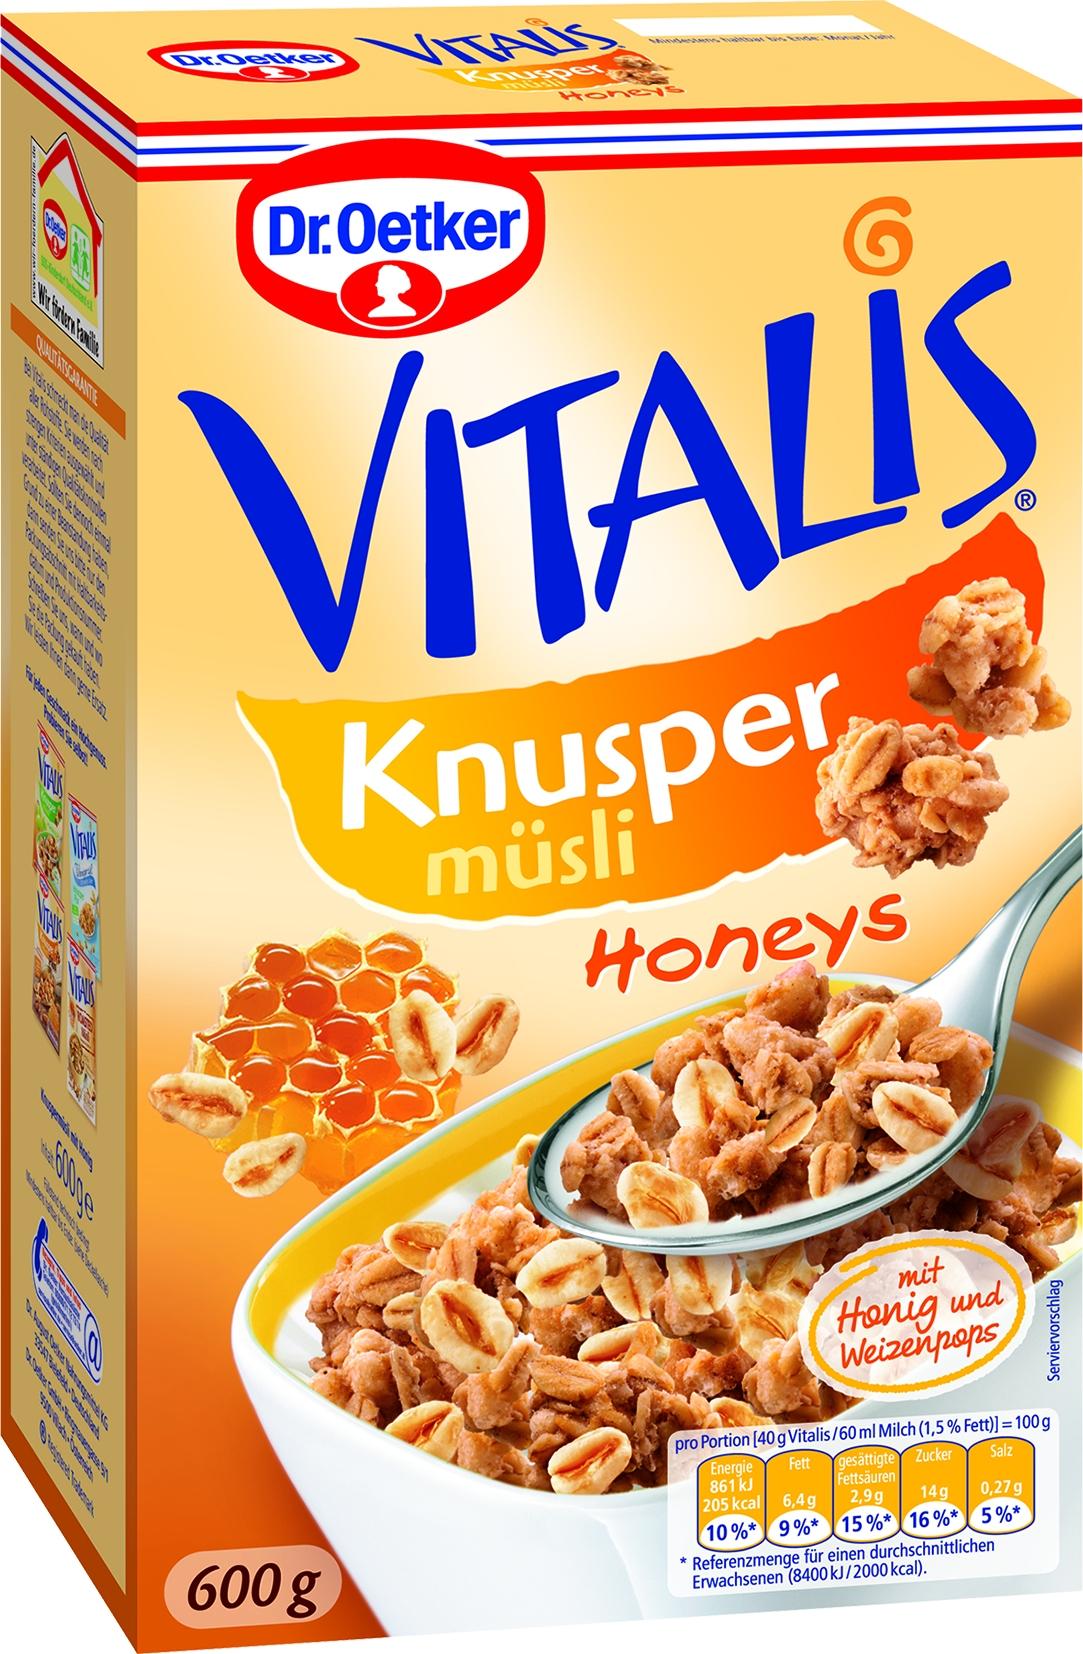 Vitalis Knusper Honeys Muesli